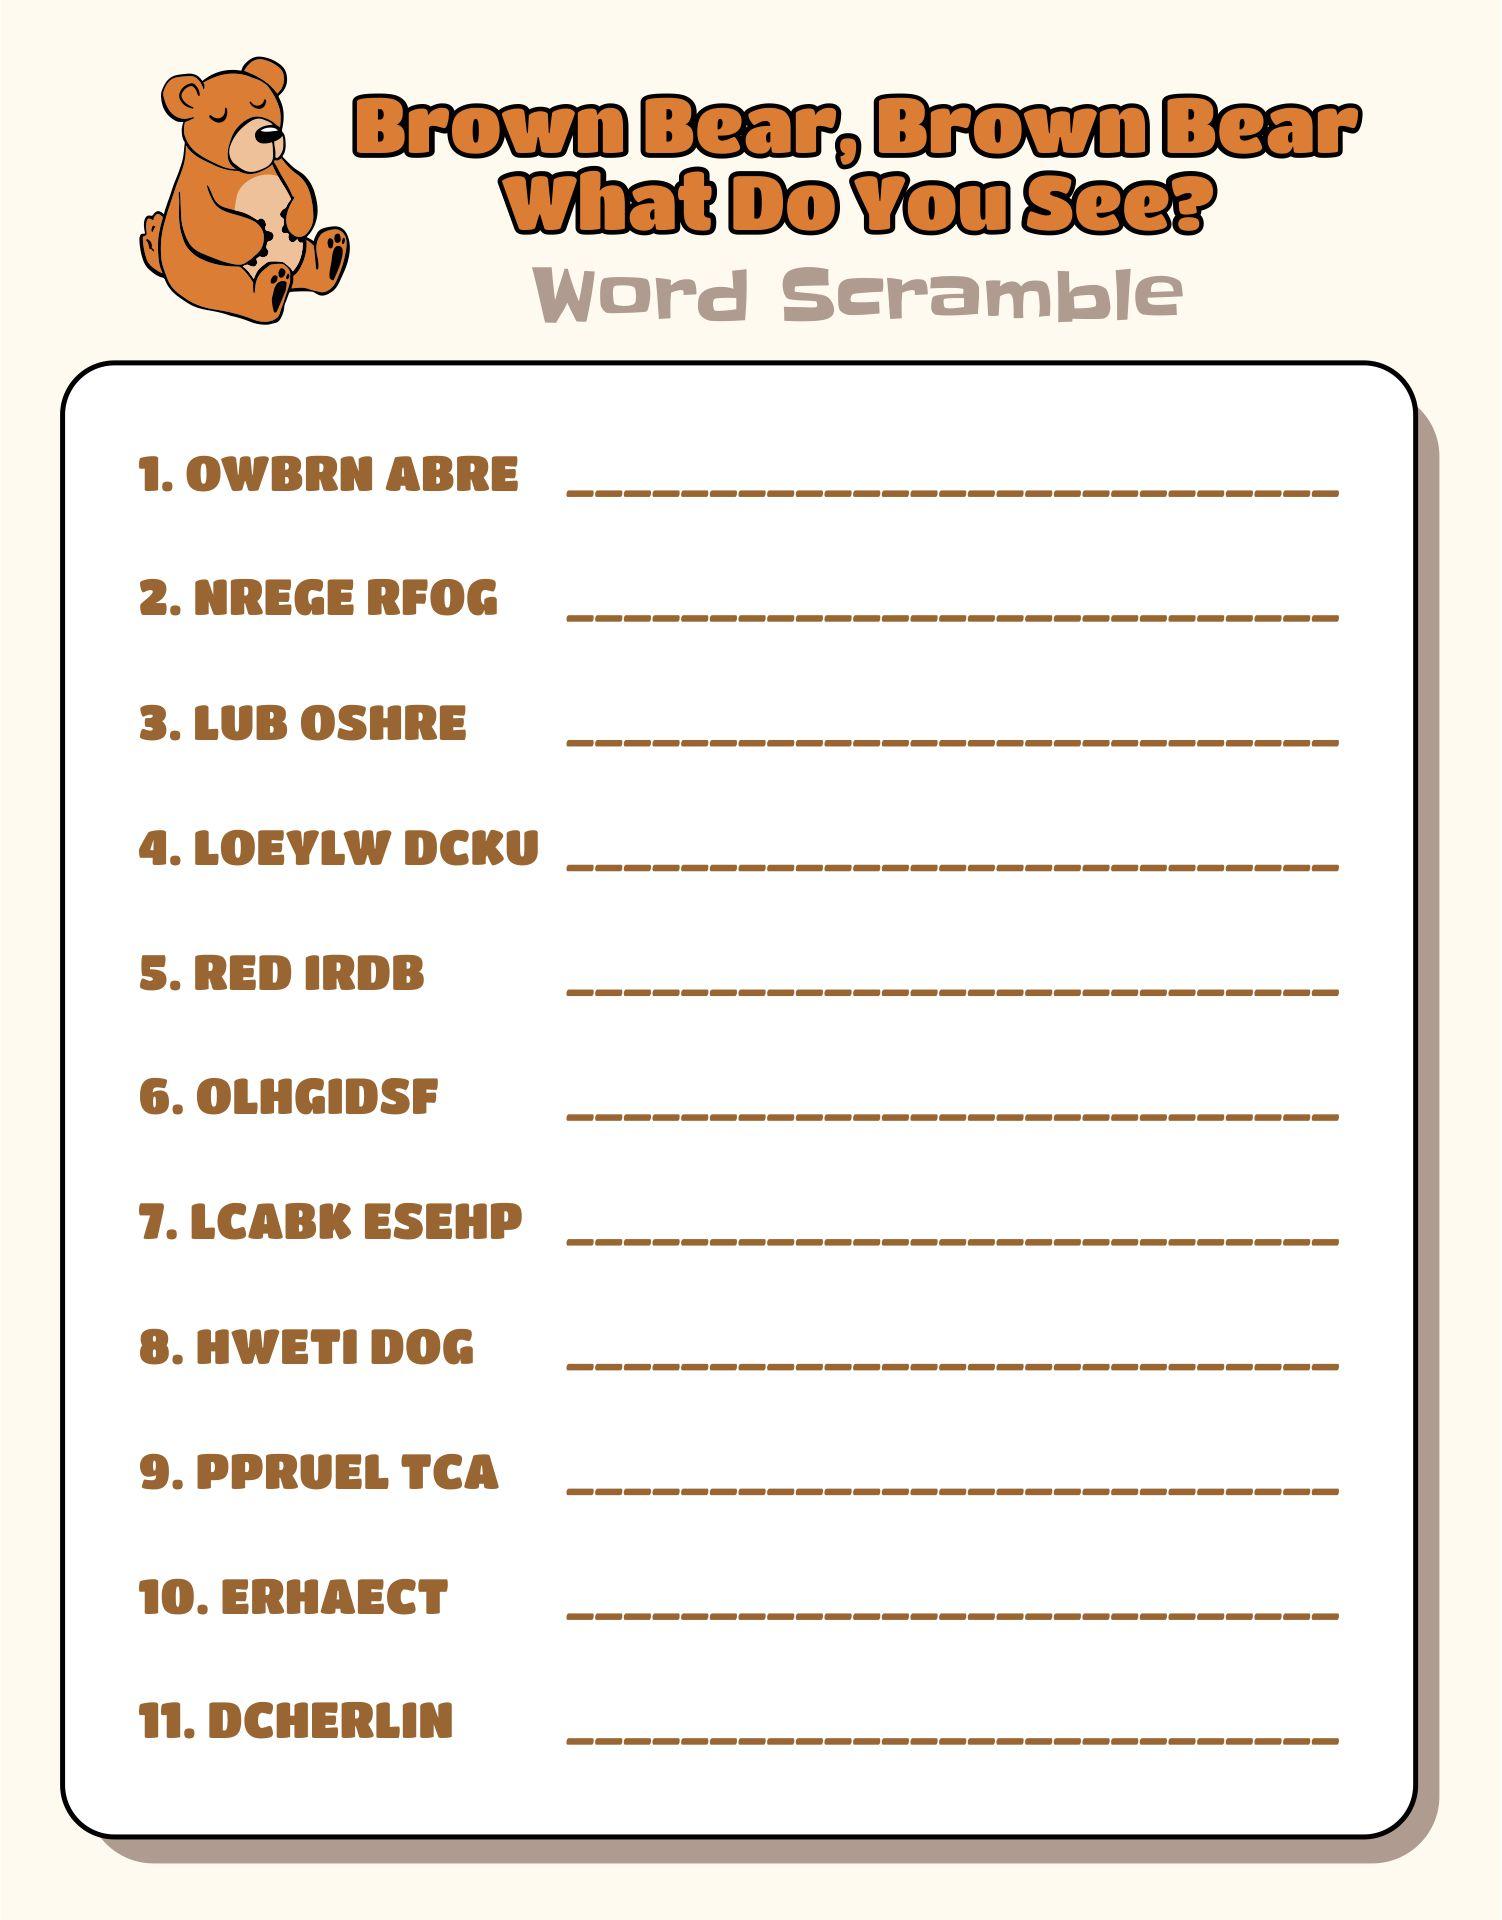 5 Best Brown Bear Brown Bear Printables Printablee Com